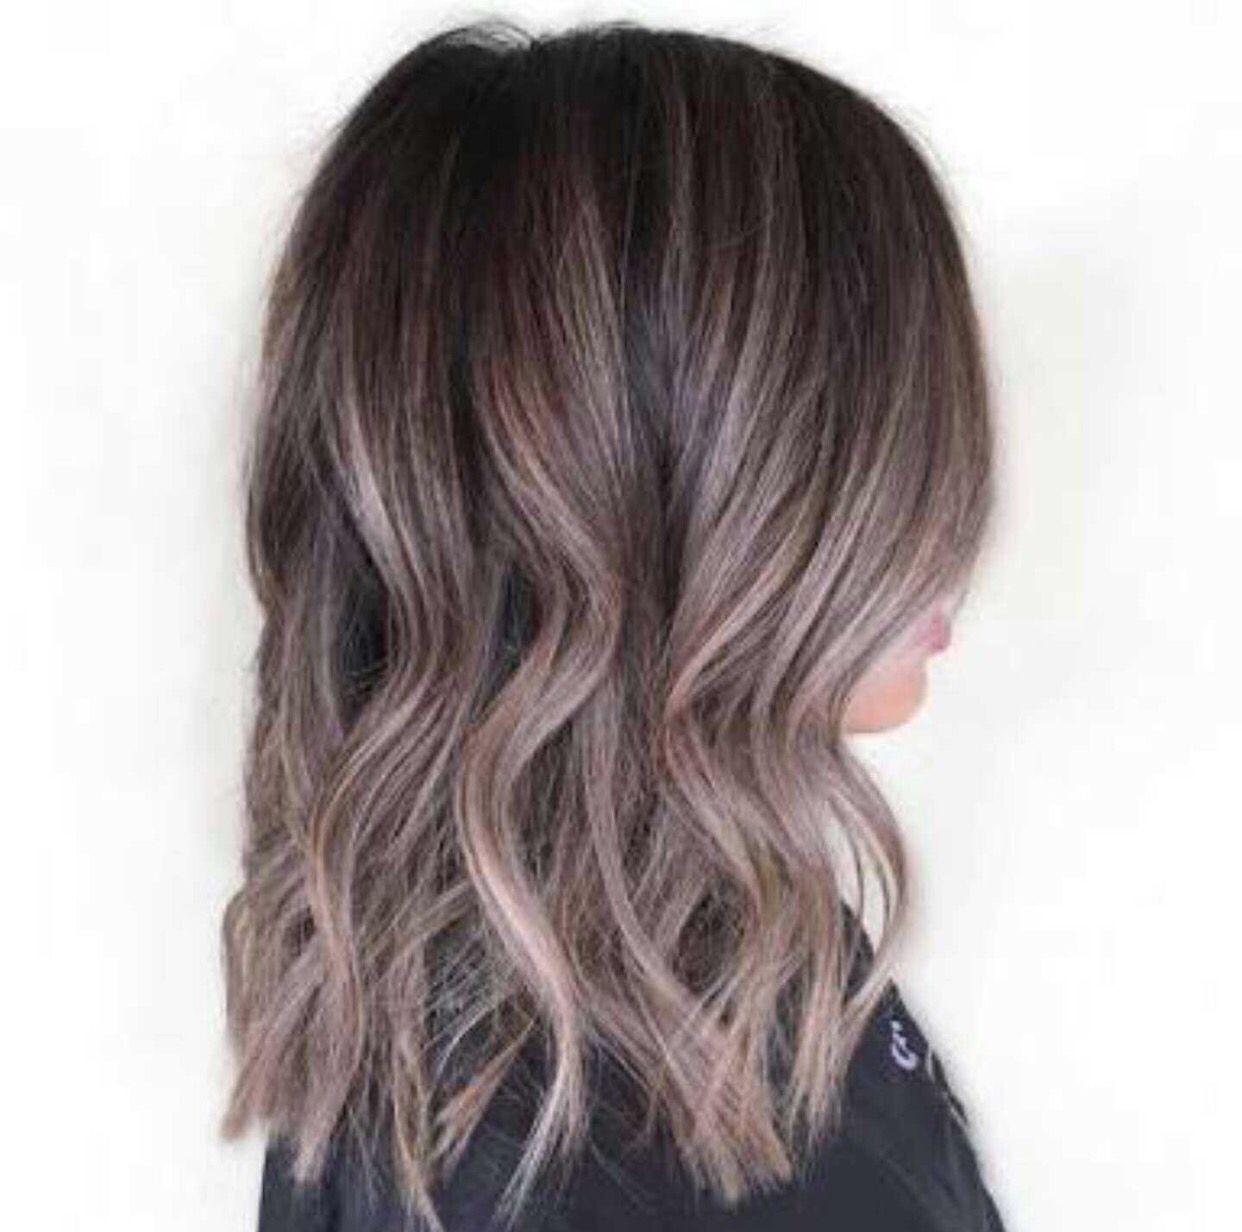 Lilac Silver Hair Styles Balayage Hair Hair Color Balayage